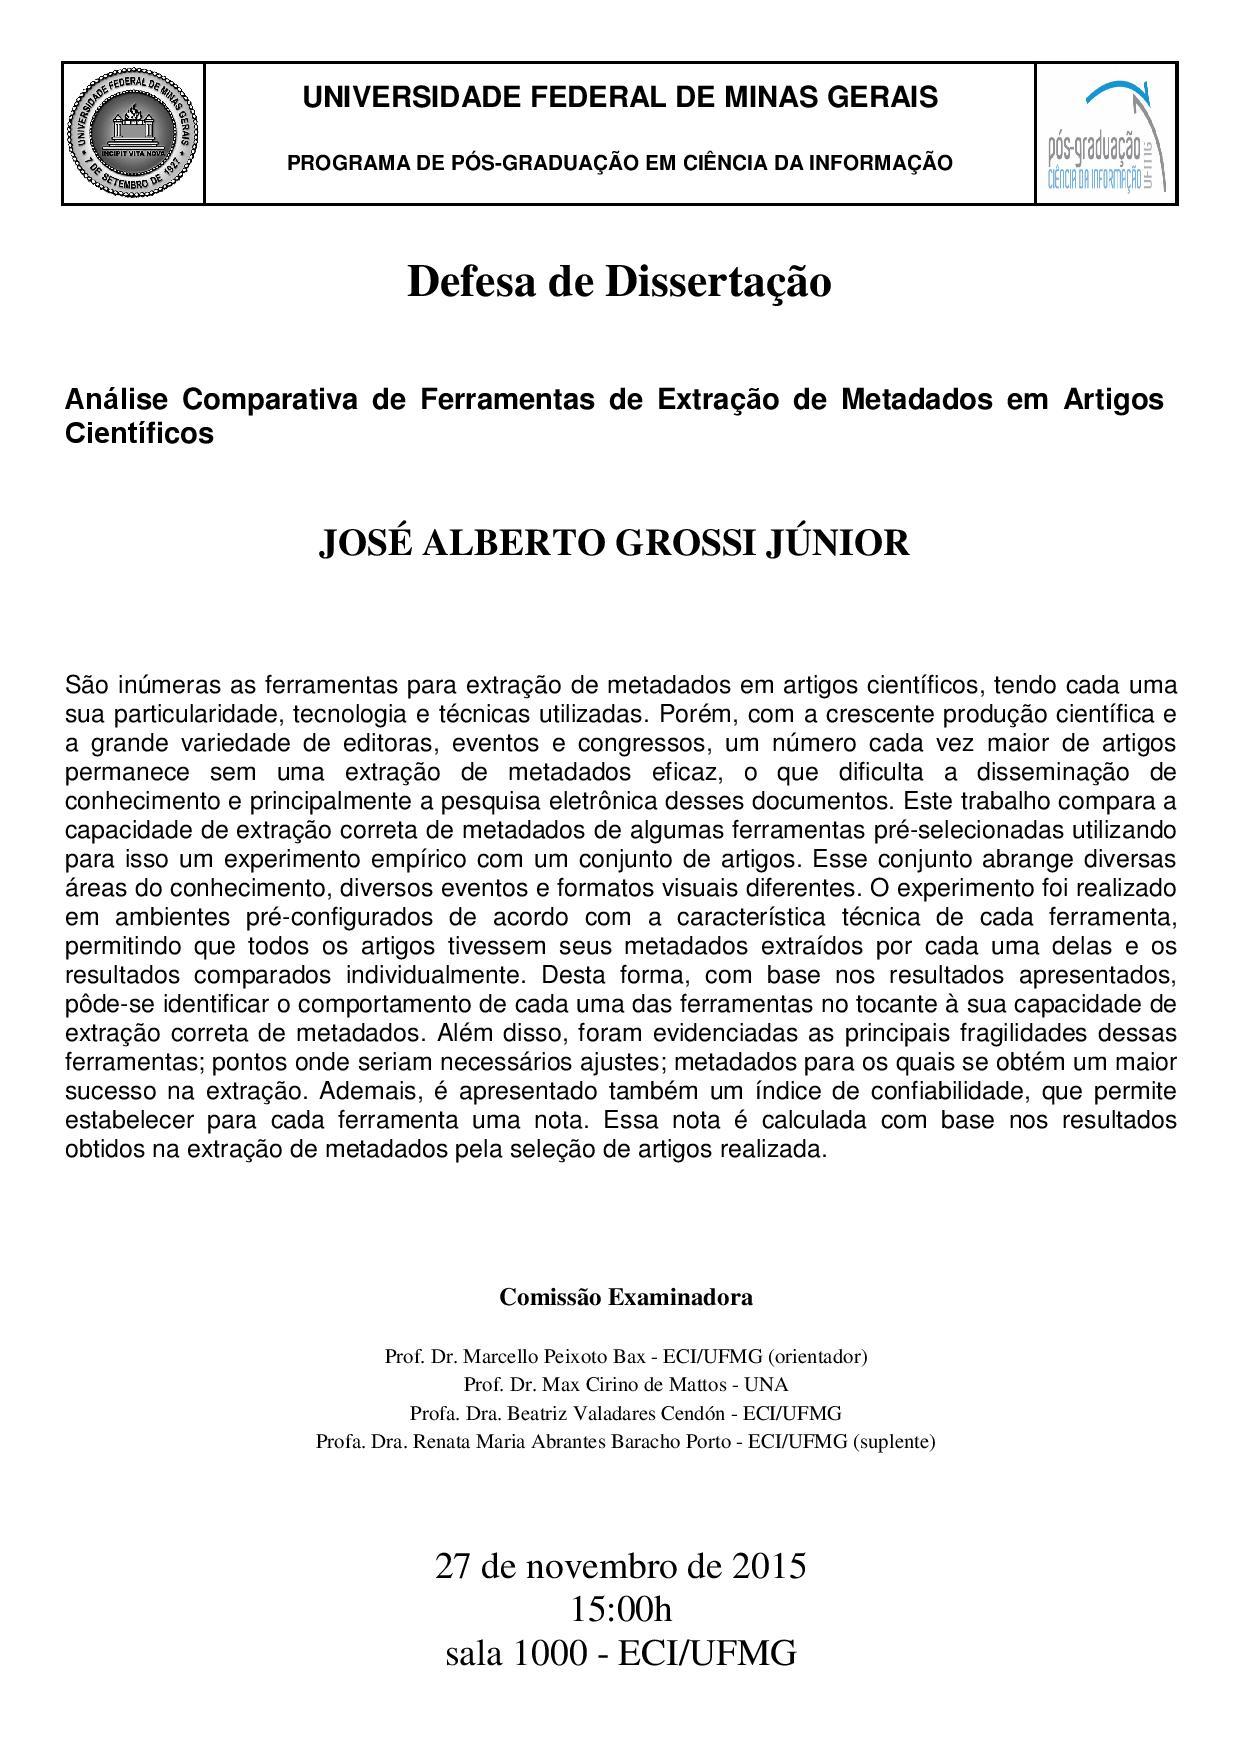 Defesa Dissertação José Alberto Grossi Júnior